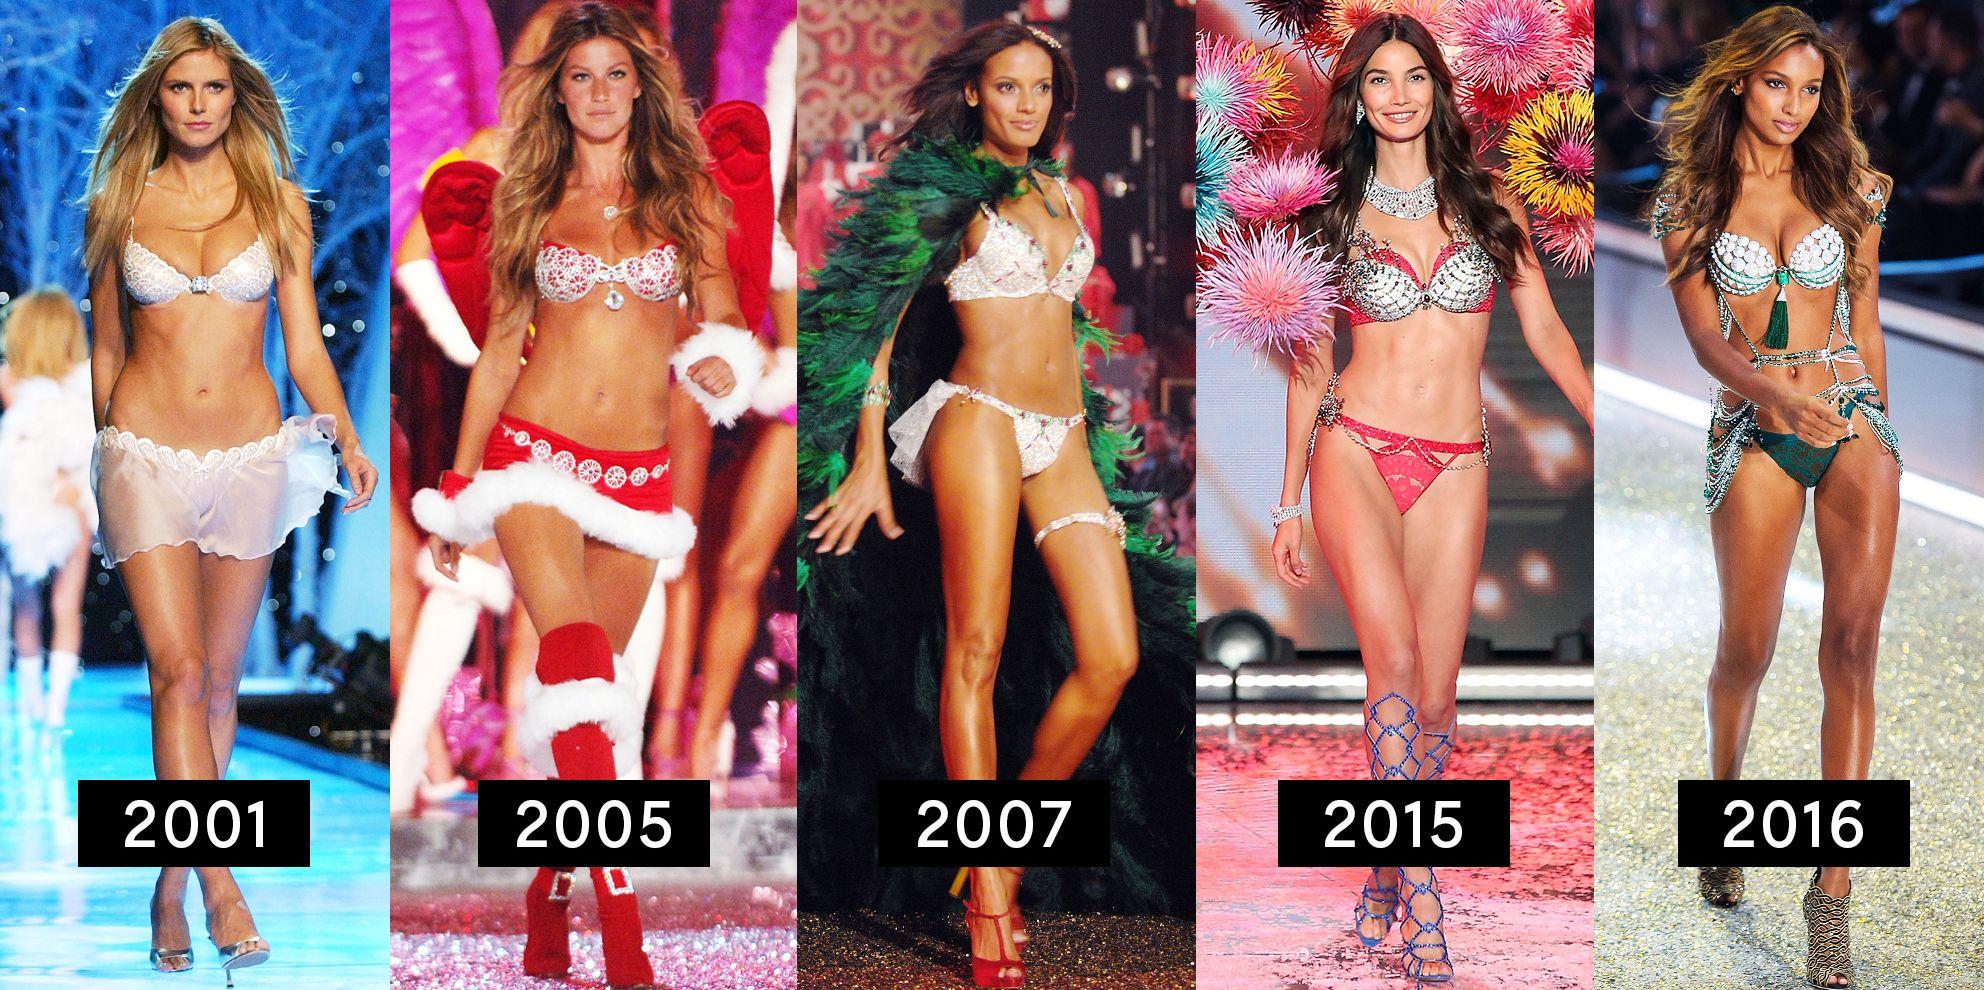 $137 Million in Bras: The Complete Evolution of the Victoria's Secret Fantasy Bra